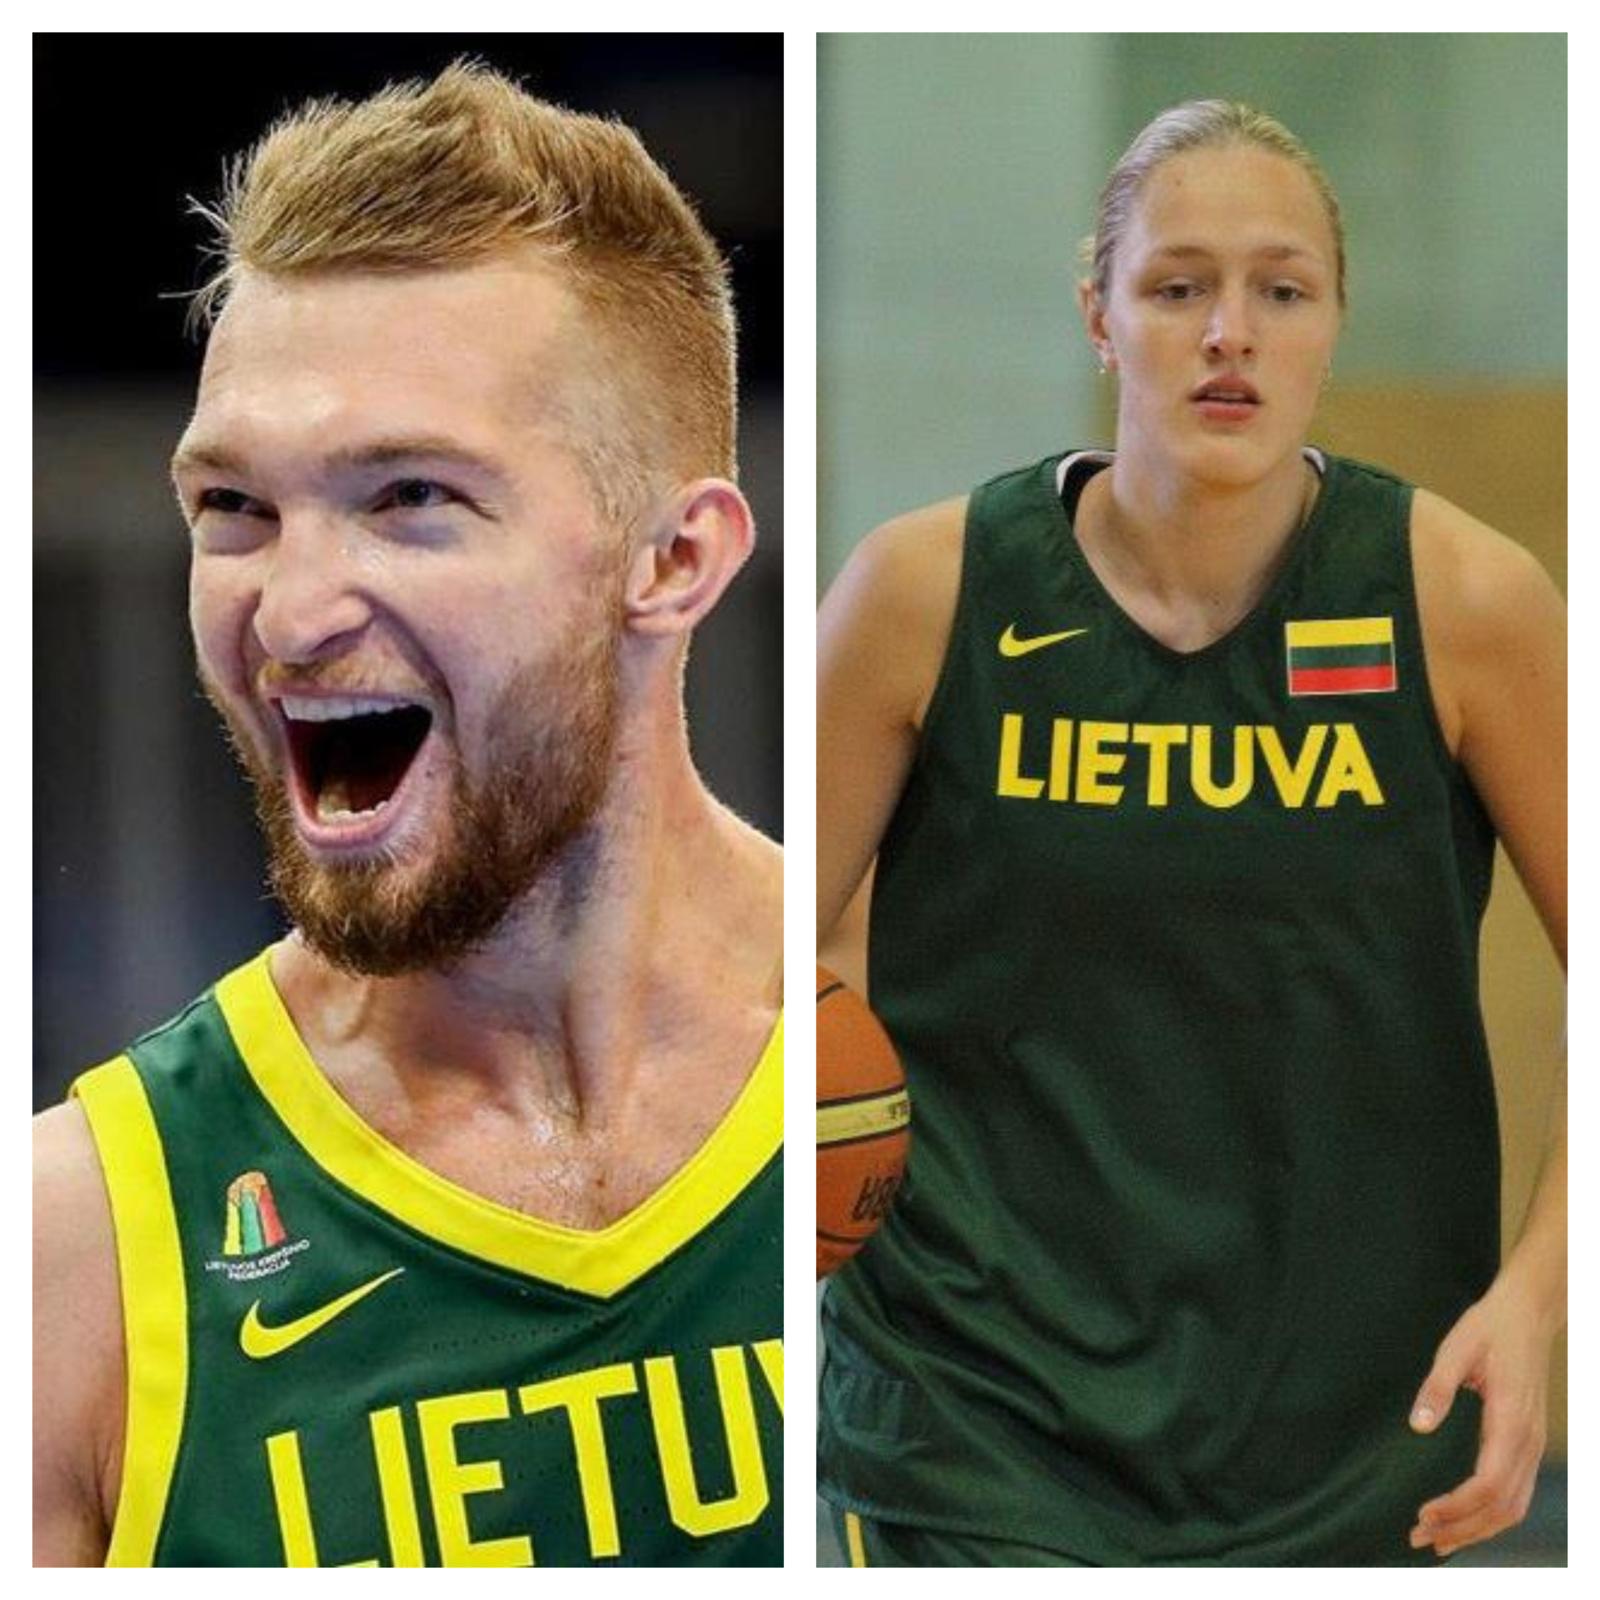 Geriausi 2019 metų Lietuvos krepšininkai - D. Sabonis ir G. Petronytė